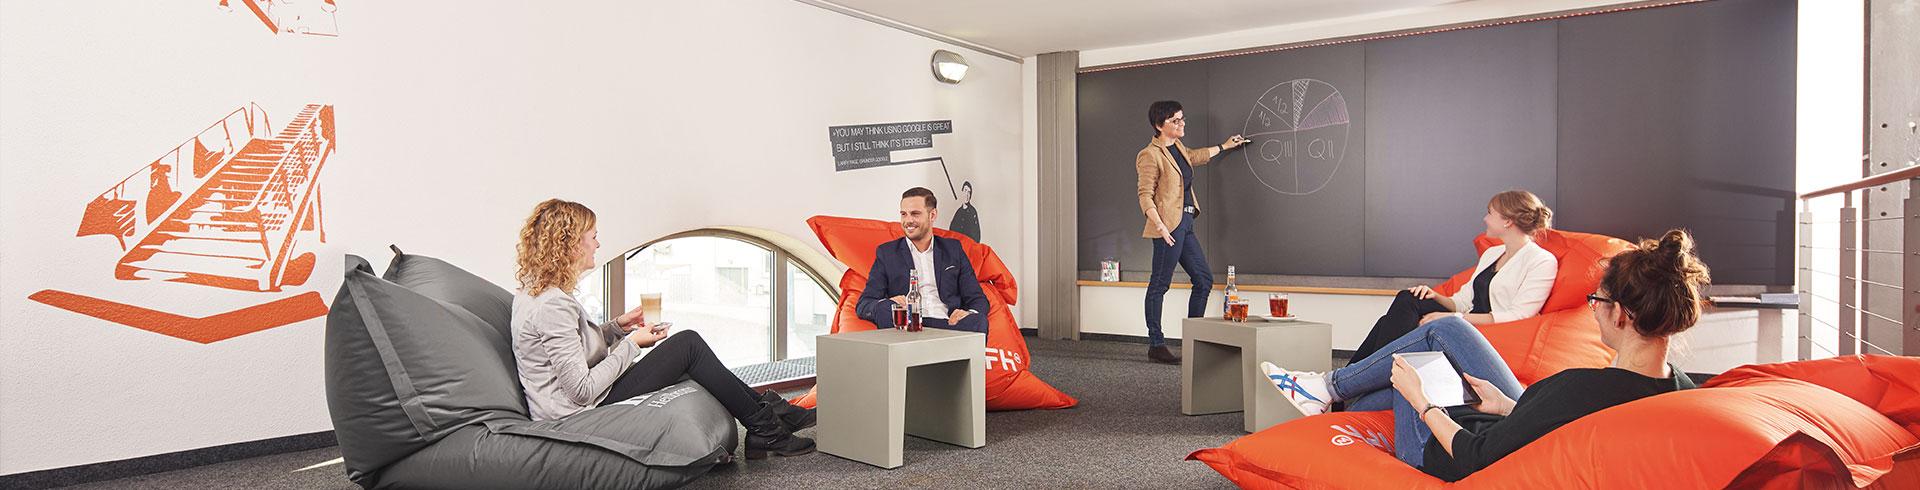 Headermrotiv IFH Chillzone mit Sitzgruppe und Kreidewand